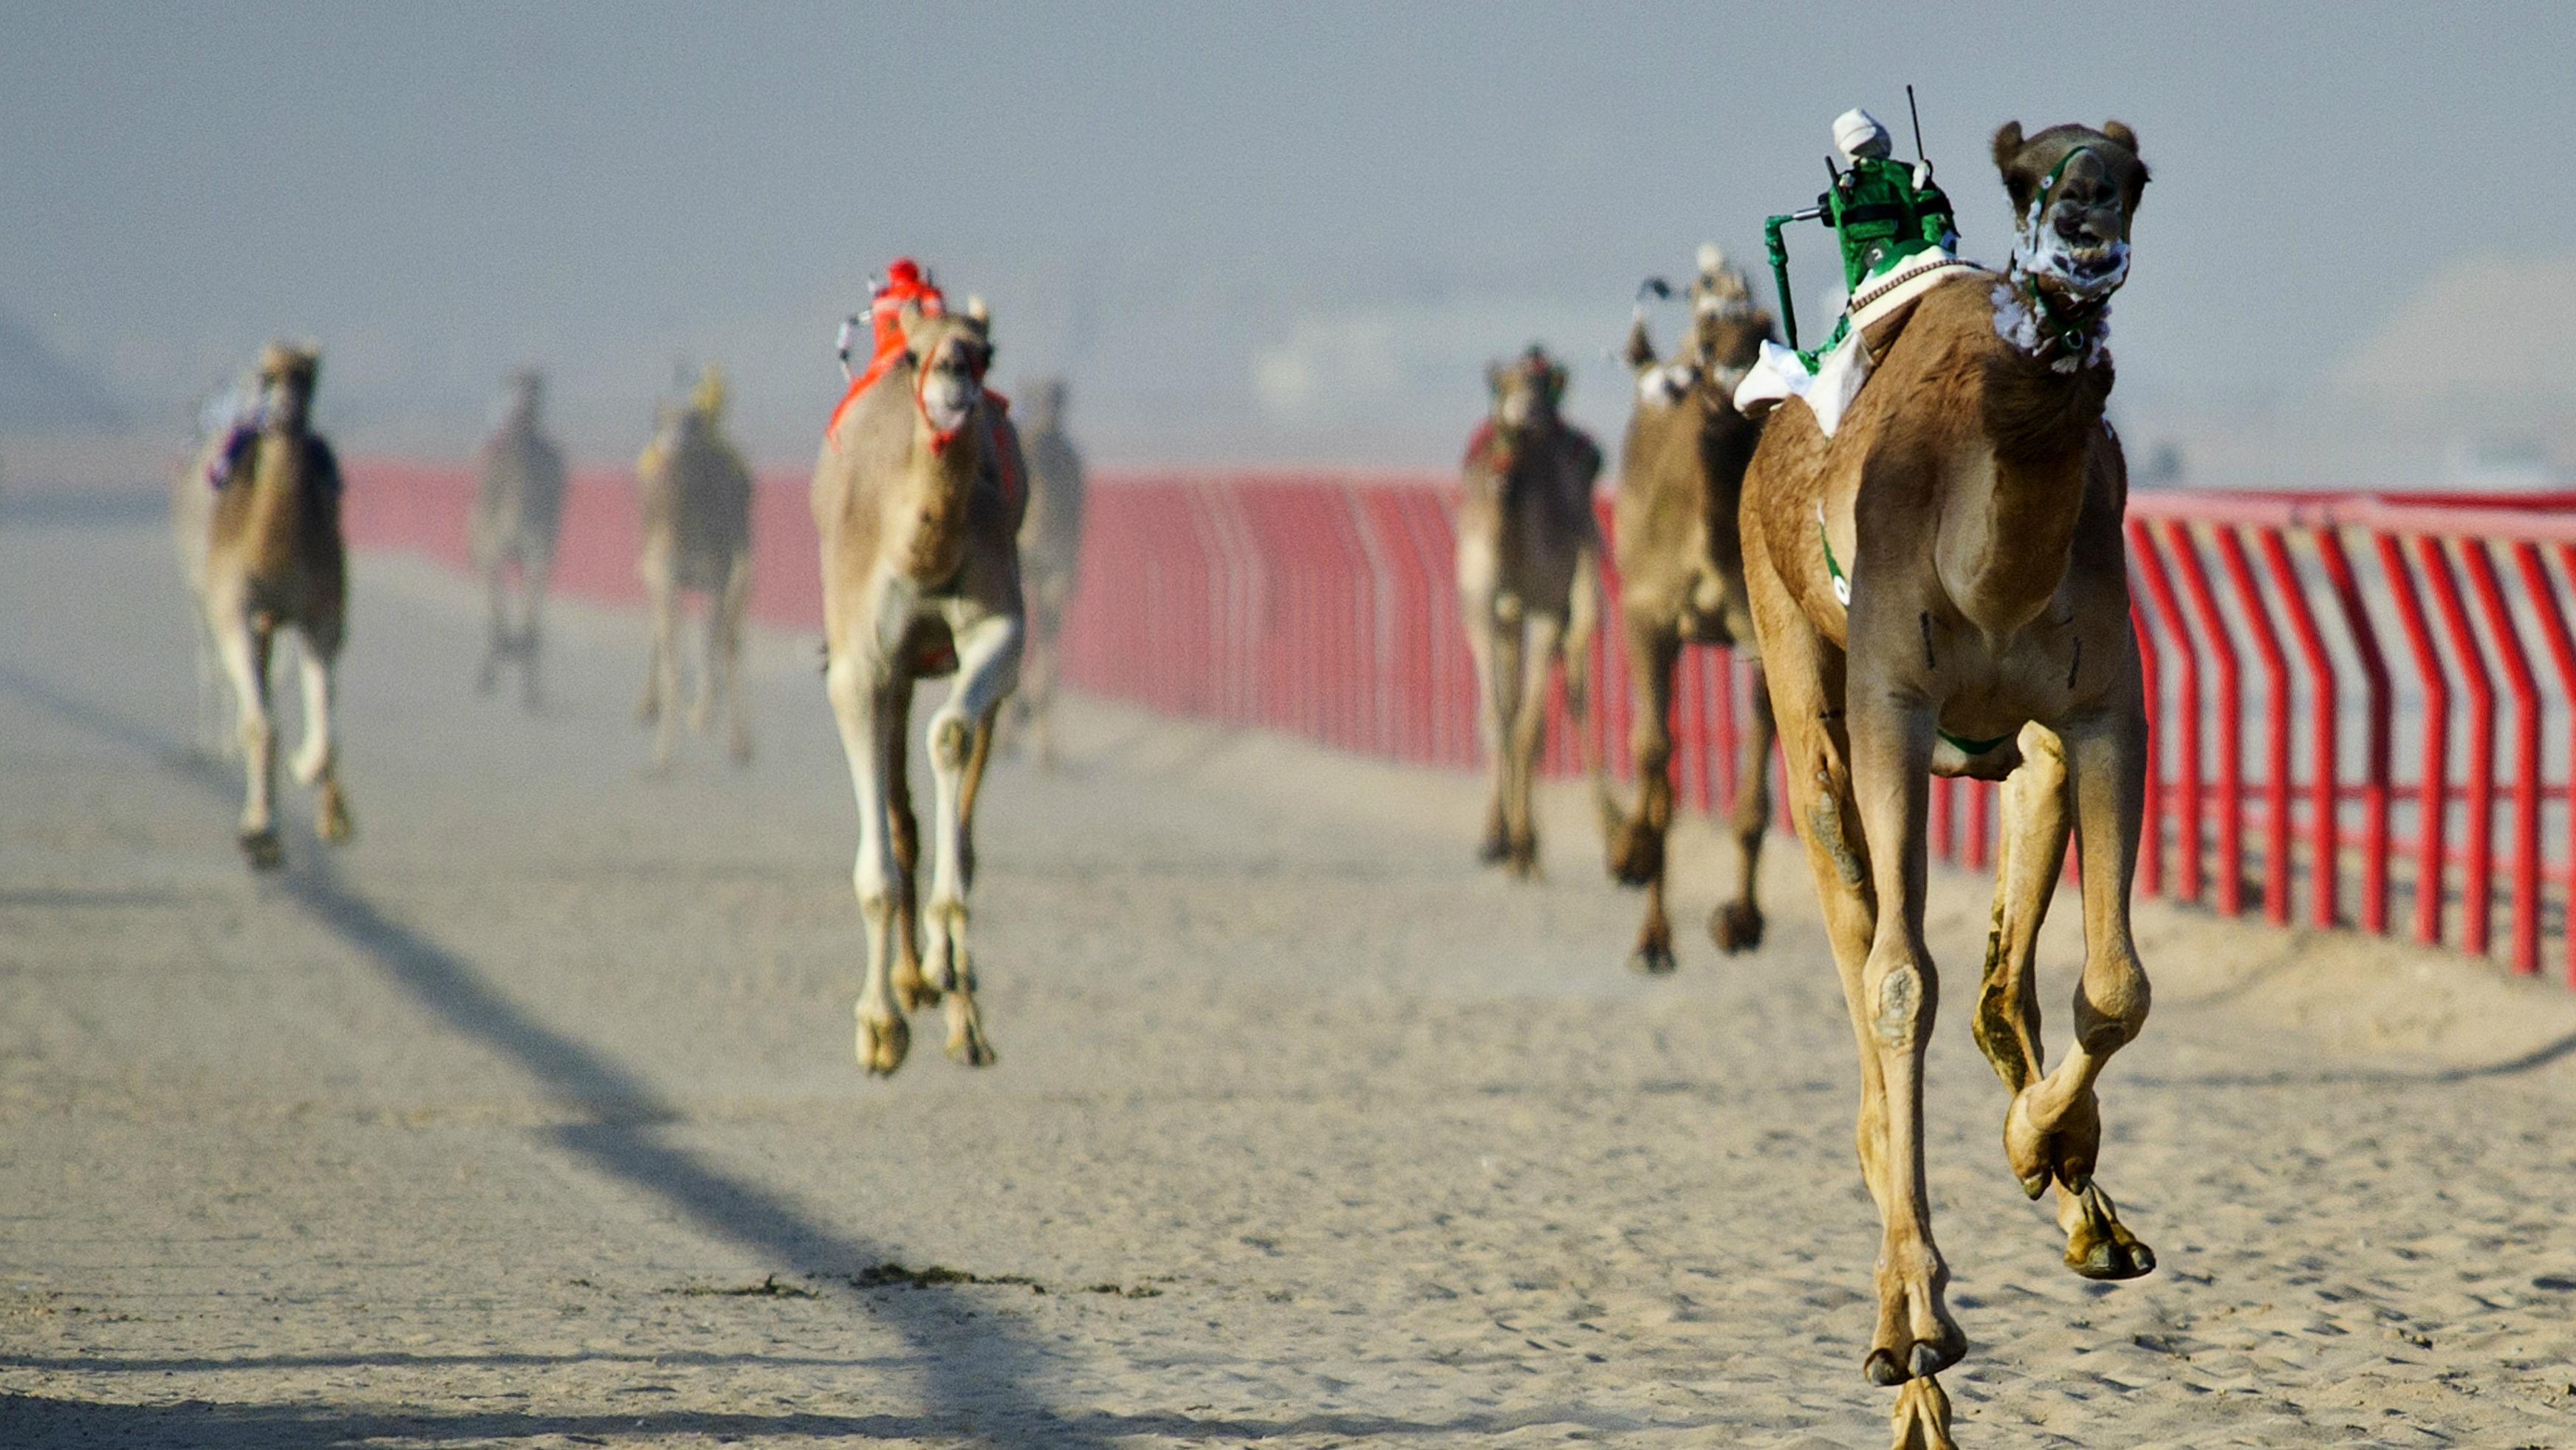 Robots on camels